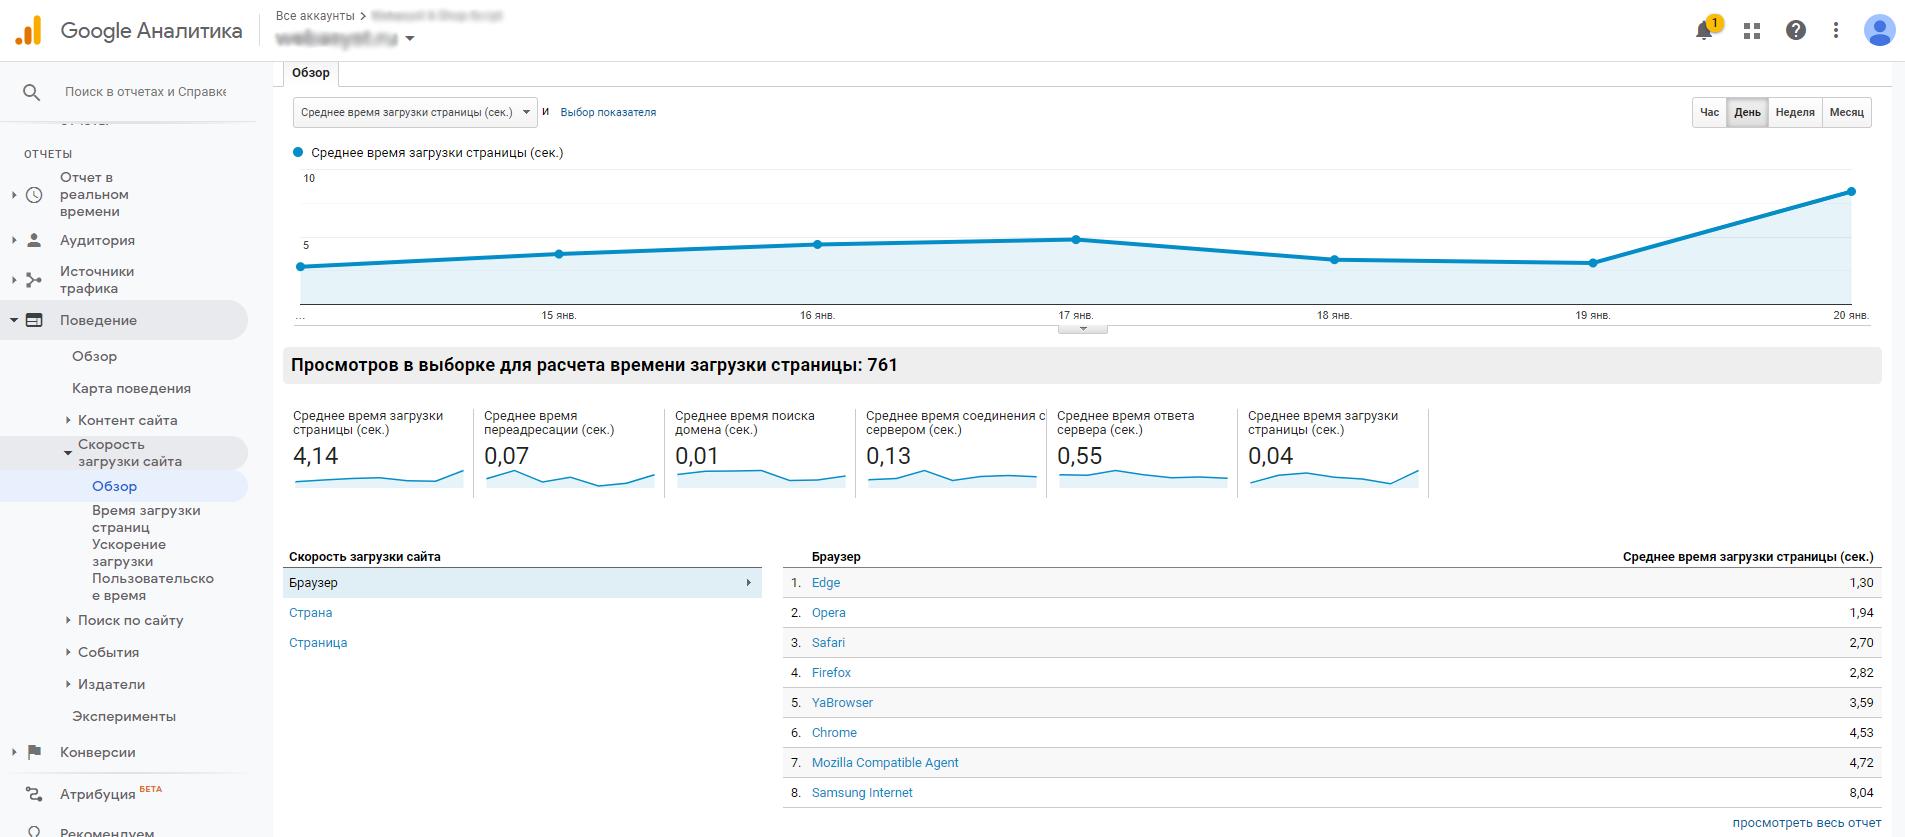 Скорость загрузки страниц в Google Analytics